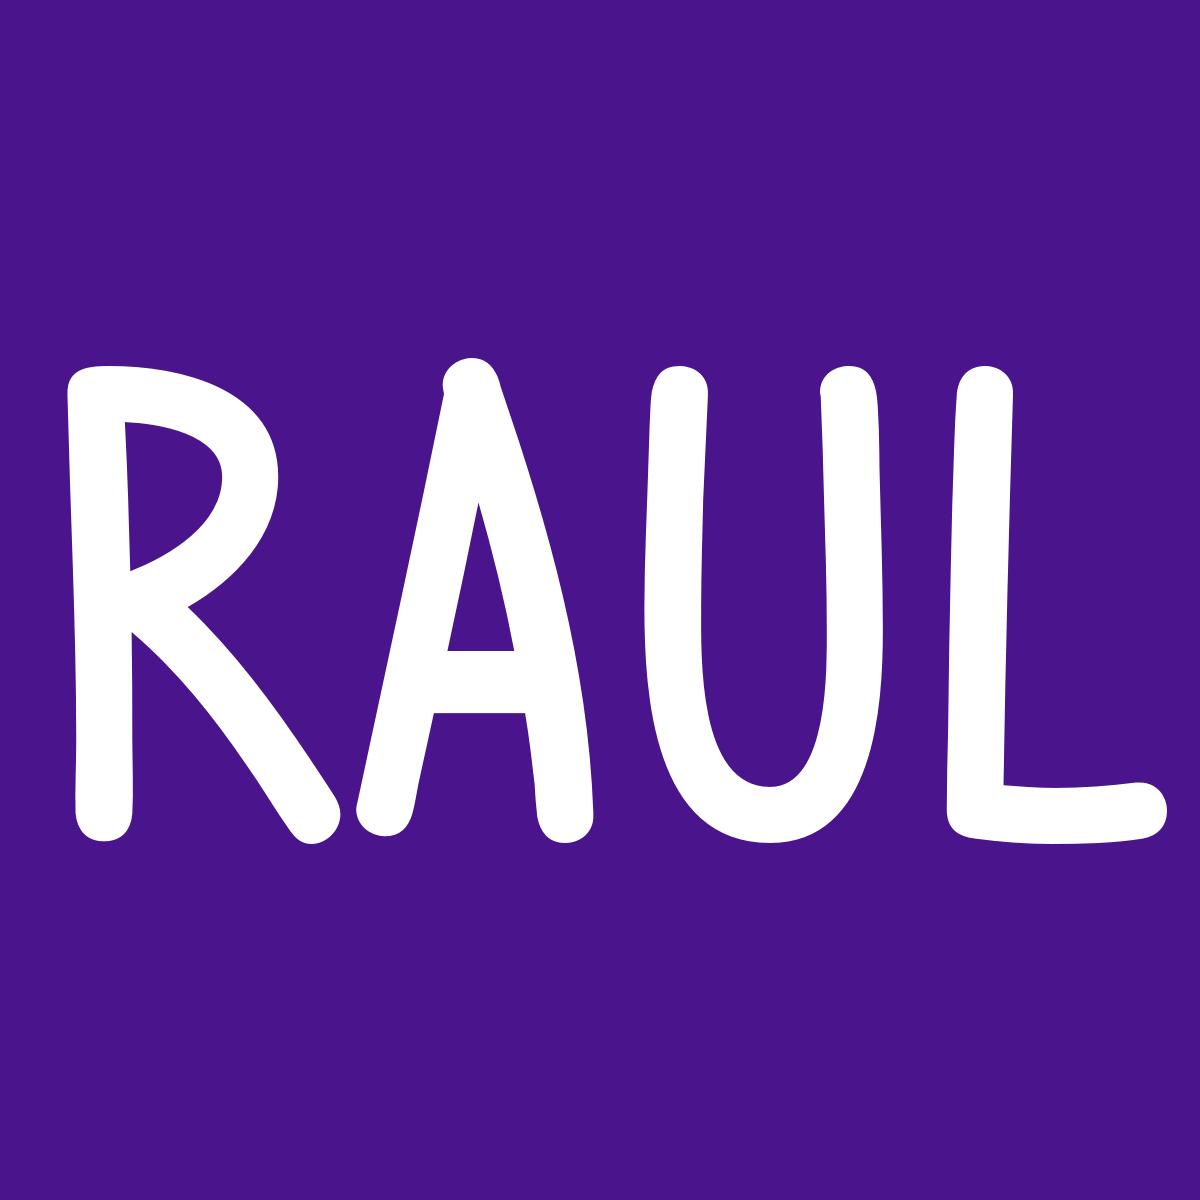 Raul Significado De Raul